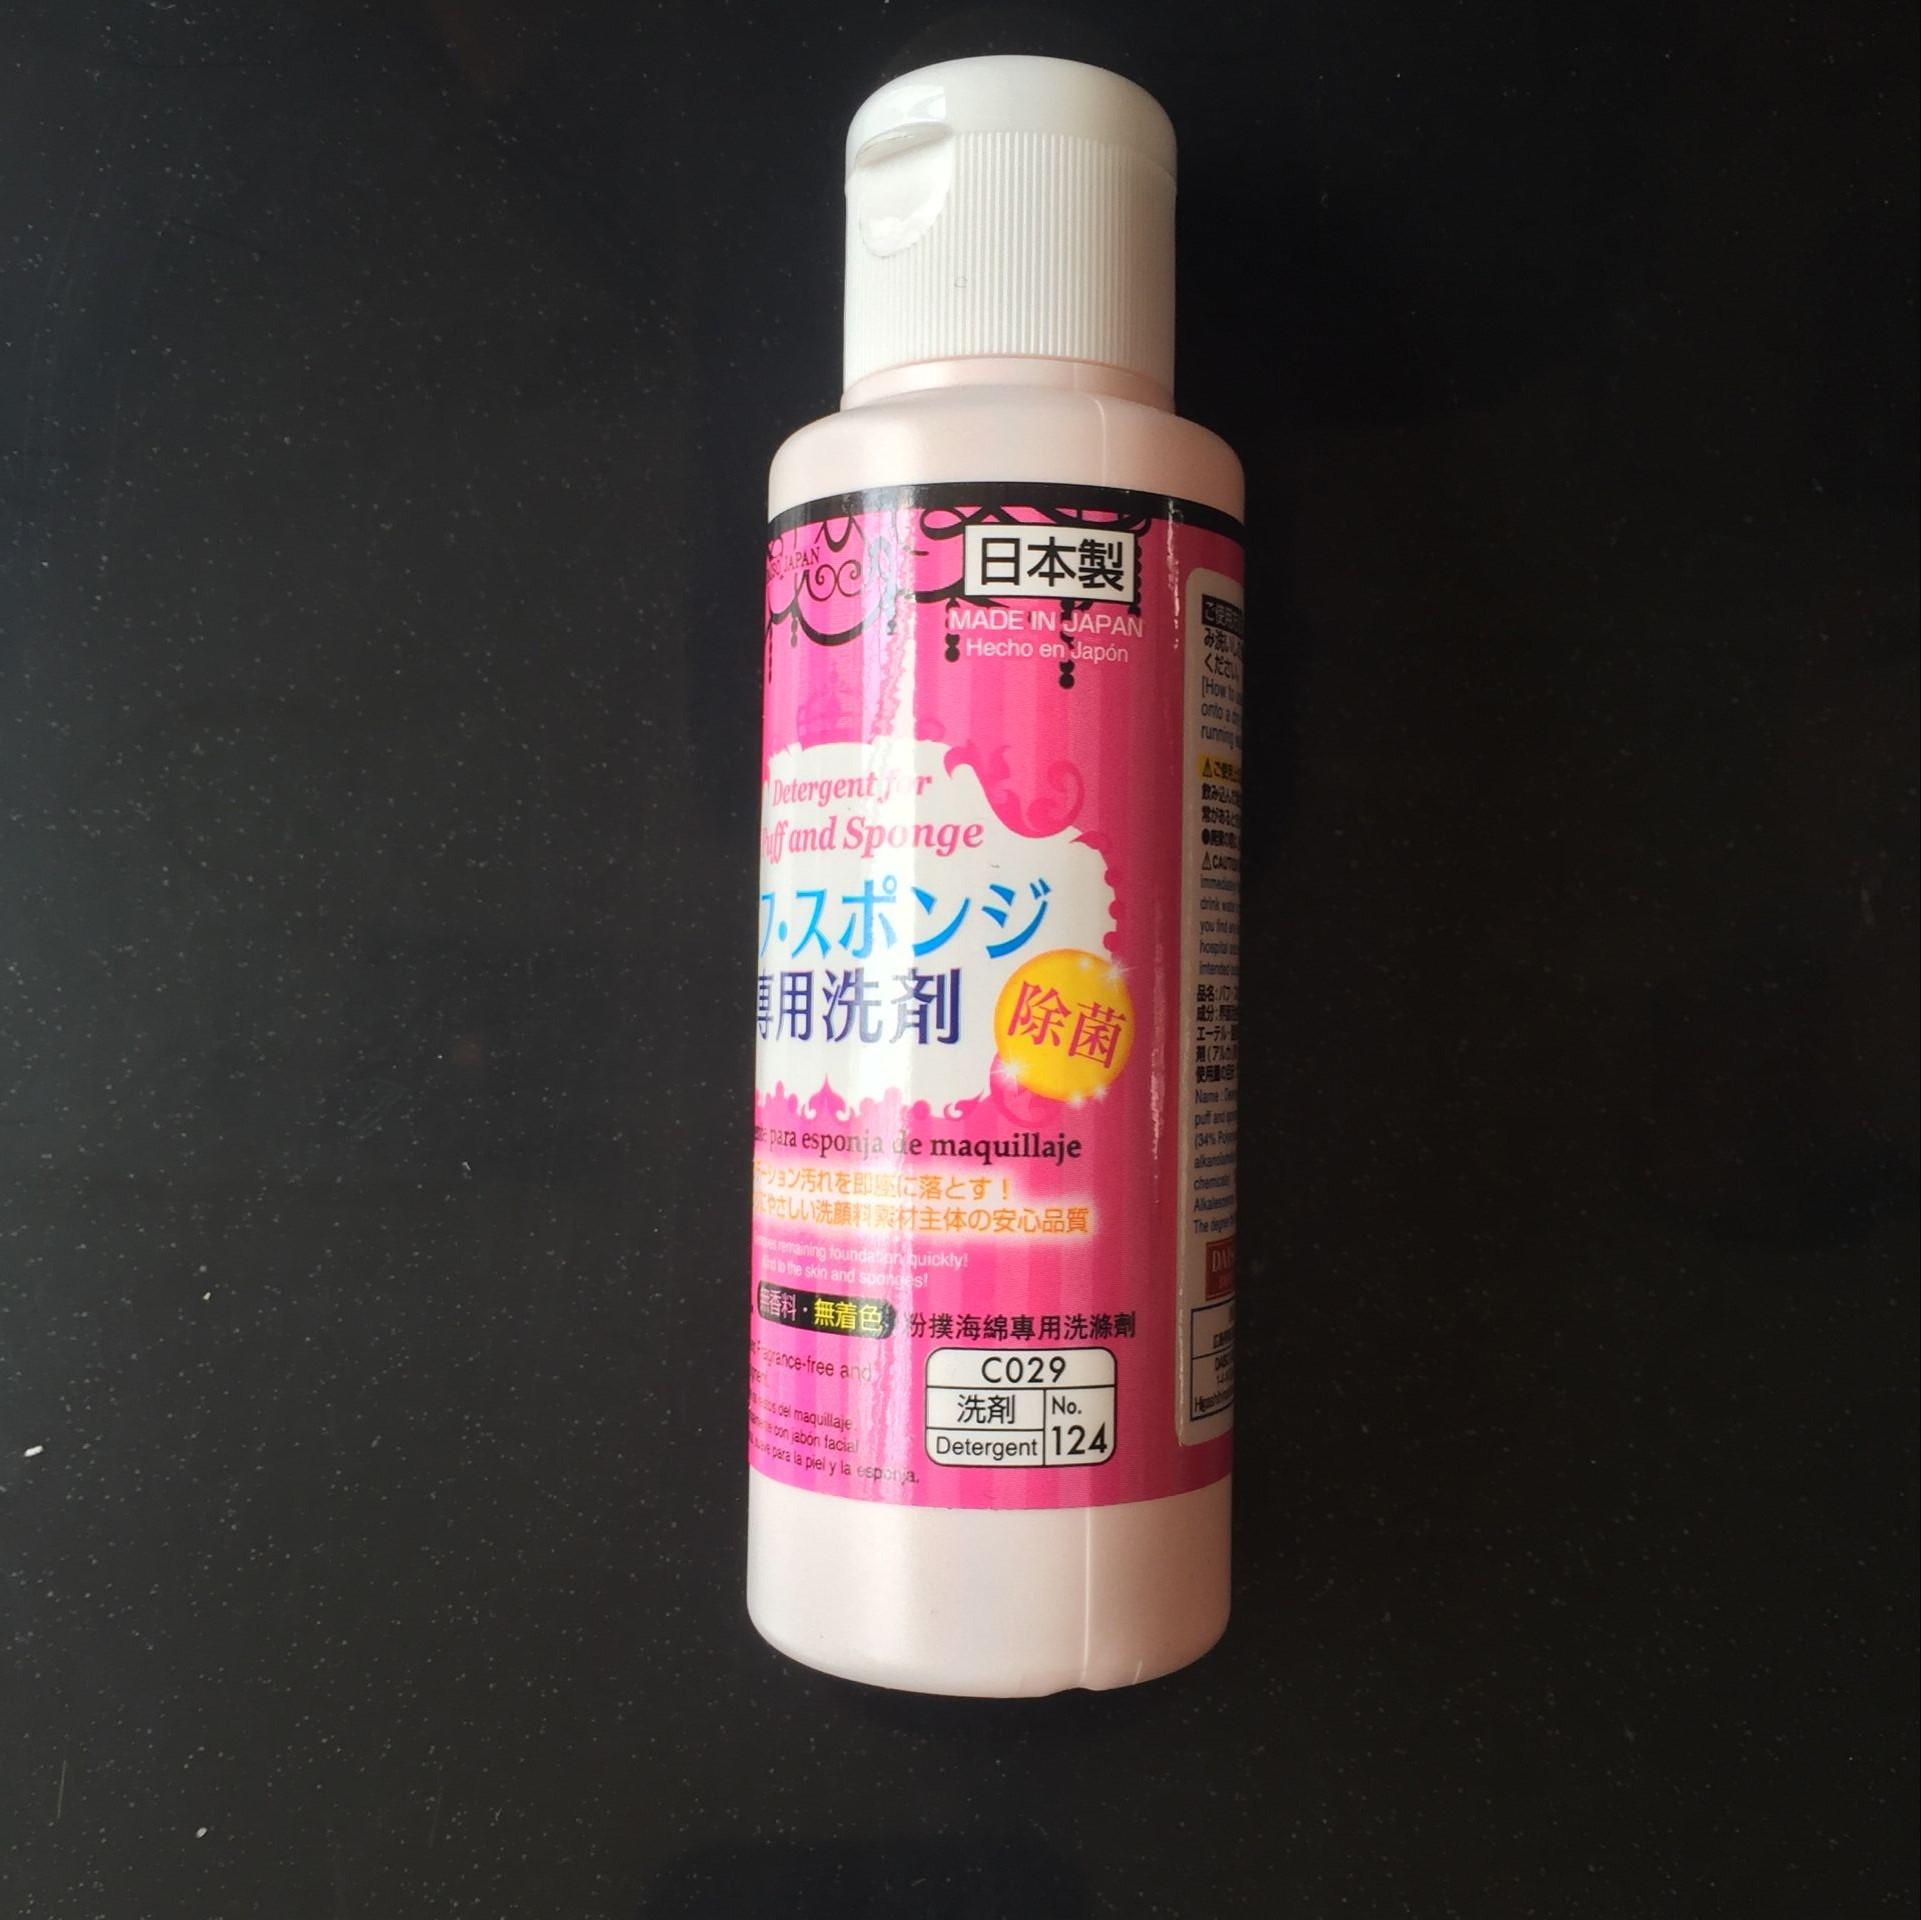 Echte japanische DAISO große einer puderquaste pinsel, schwamm der desinfektion 80ml spezielle reinigungsmittel